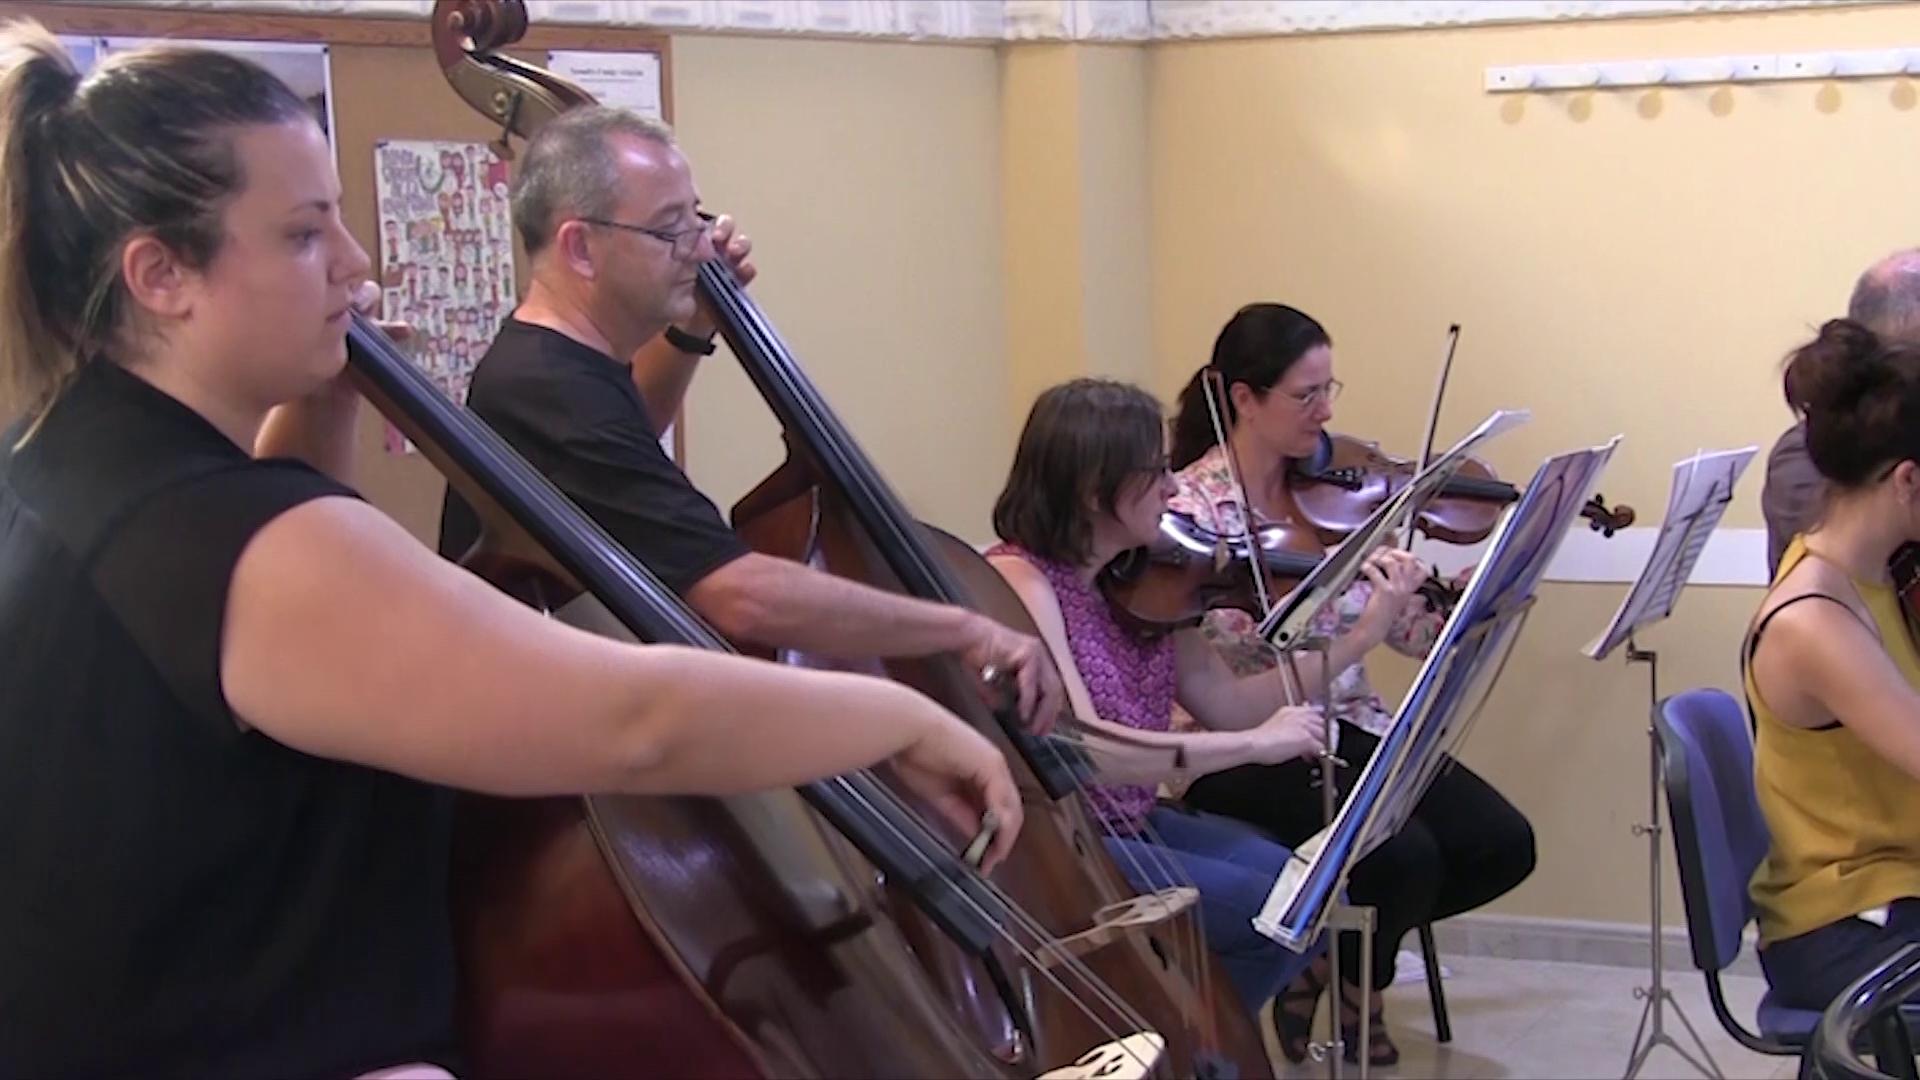 Peníscola, l'Orquestra Simfònica tancarà dissabte el 35è Cicle de Concerts de Música Clàssica